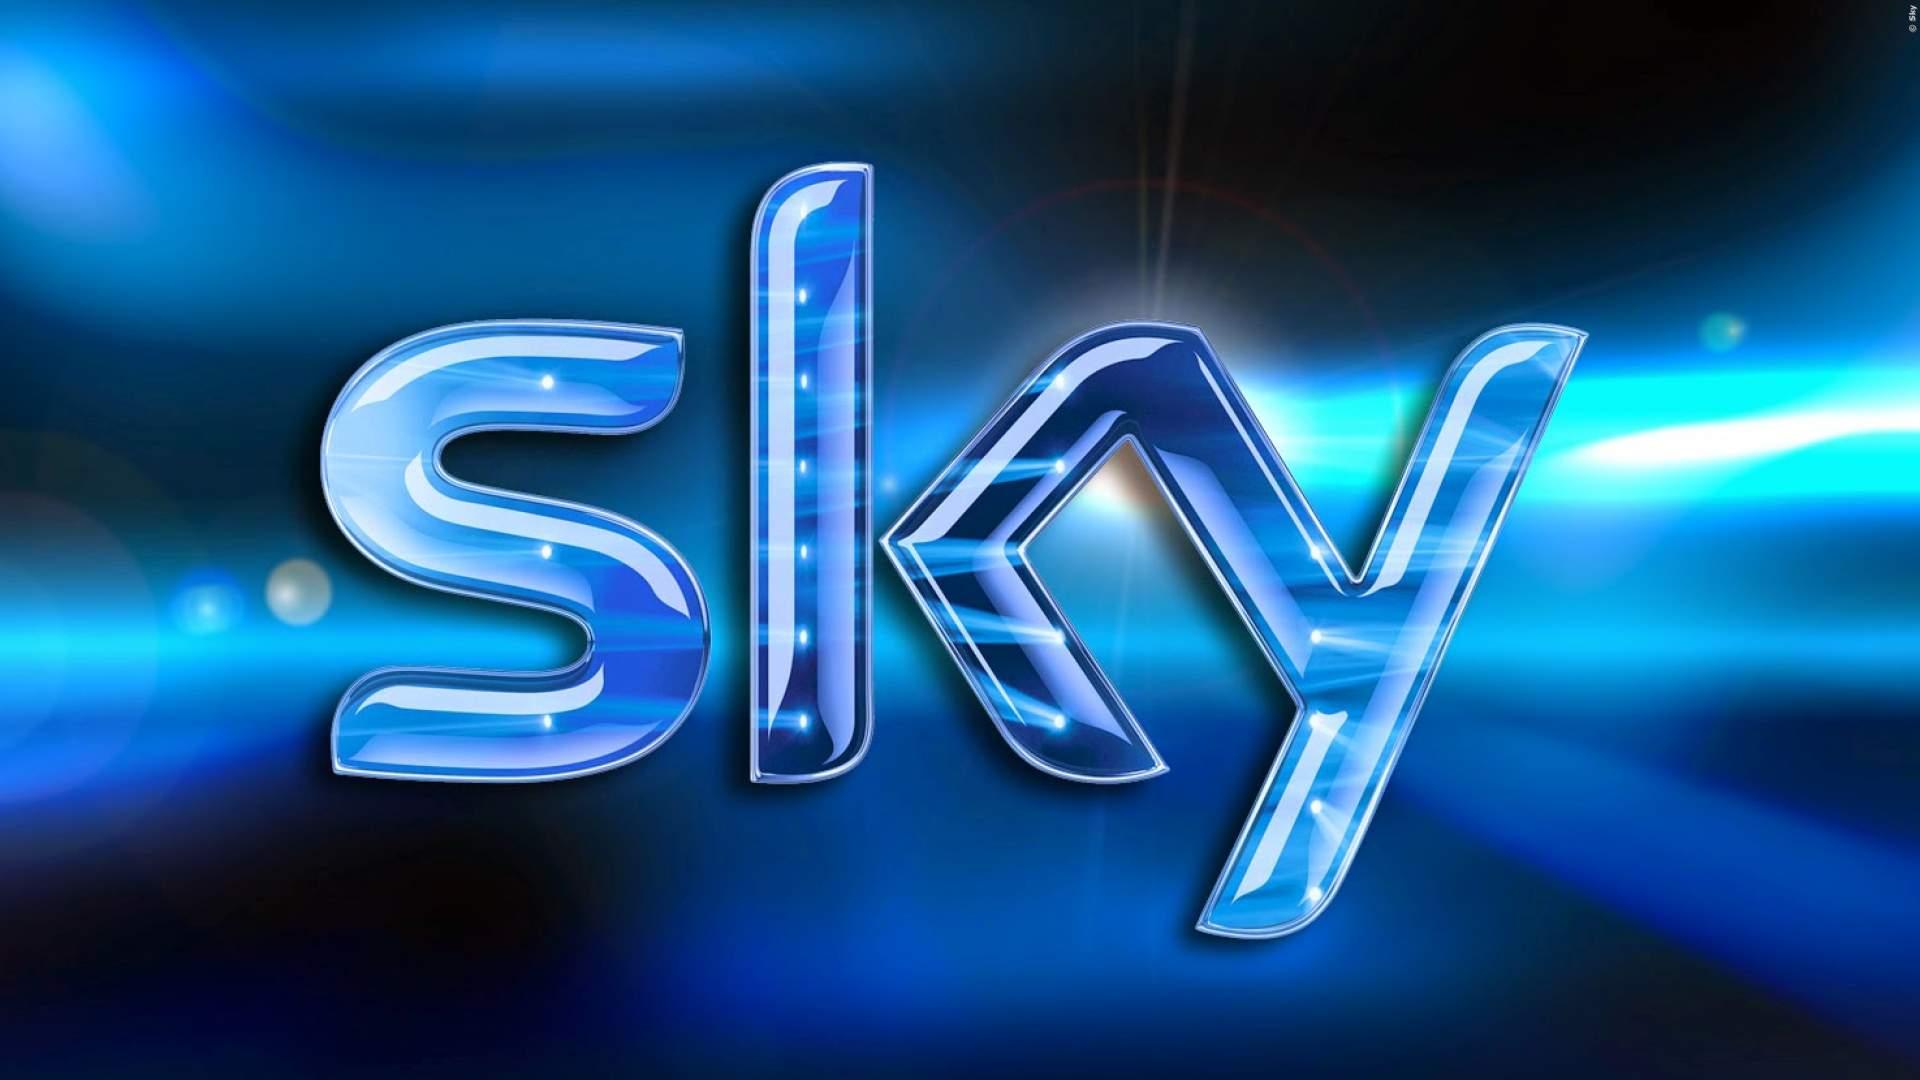 SKY: Mehr HD Sender für Kabelkunden - Los geht es schon sehr bald